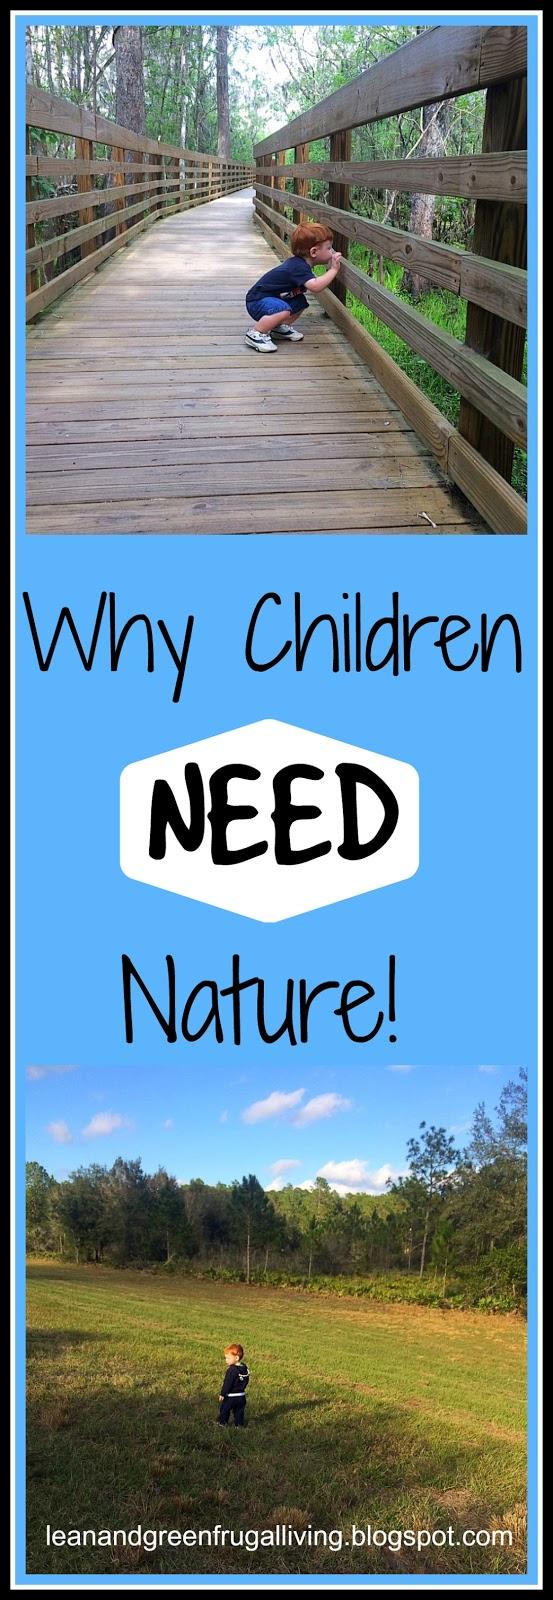 Why Children NEED Nature